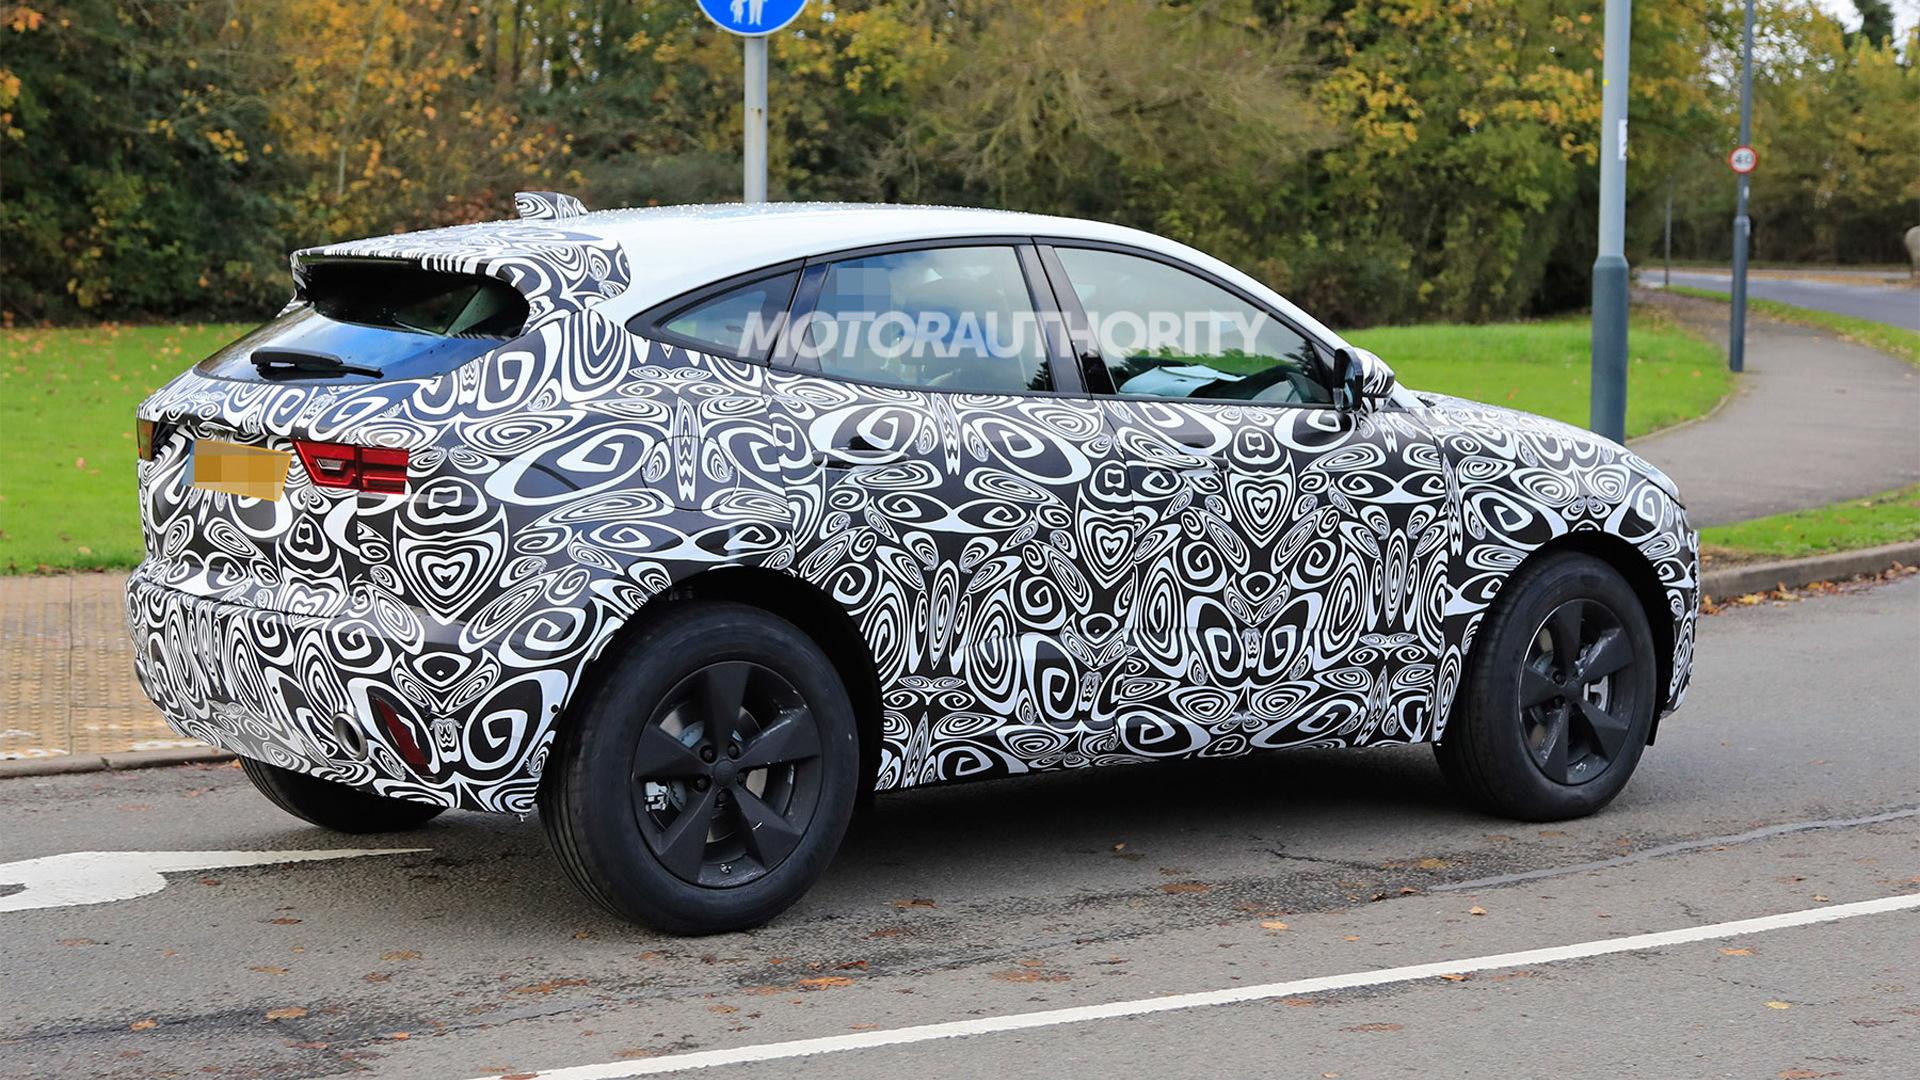 2021 Jaguar E-Pace facelift spy shots - Photo credit: S. Baldauf/SB-Medien